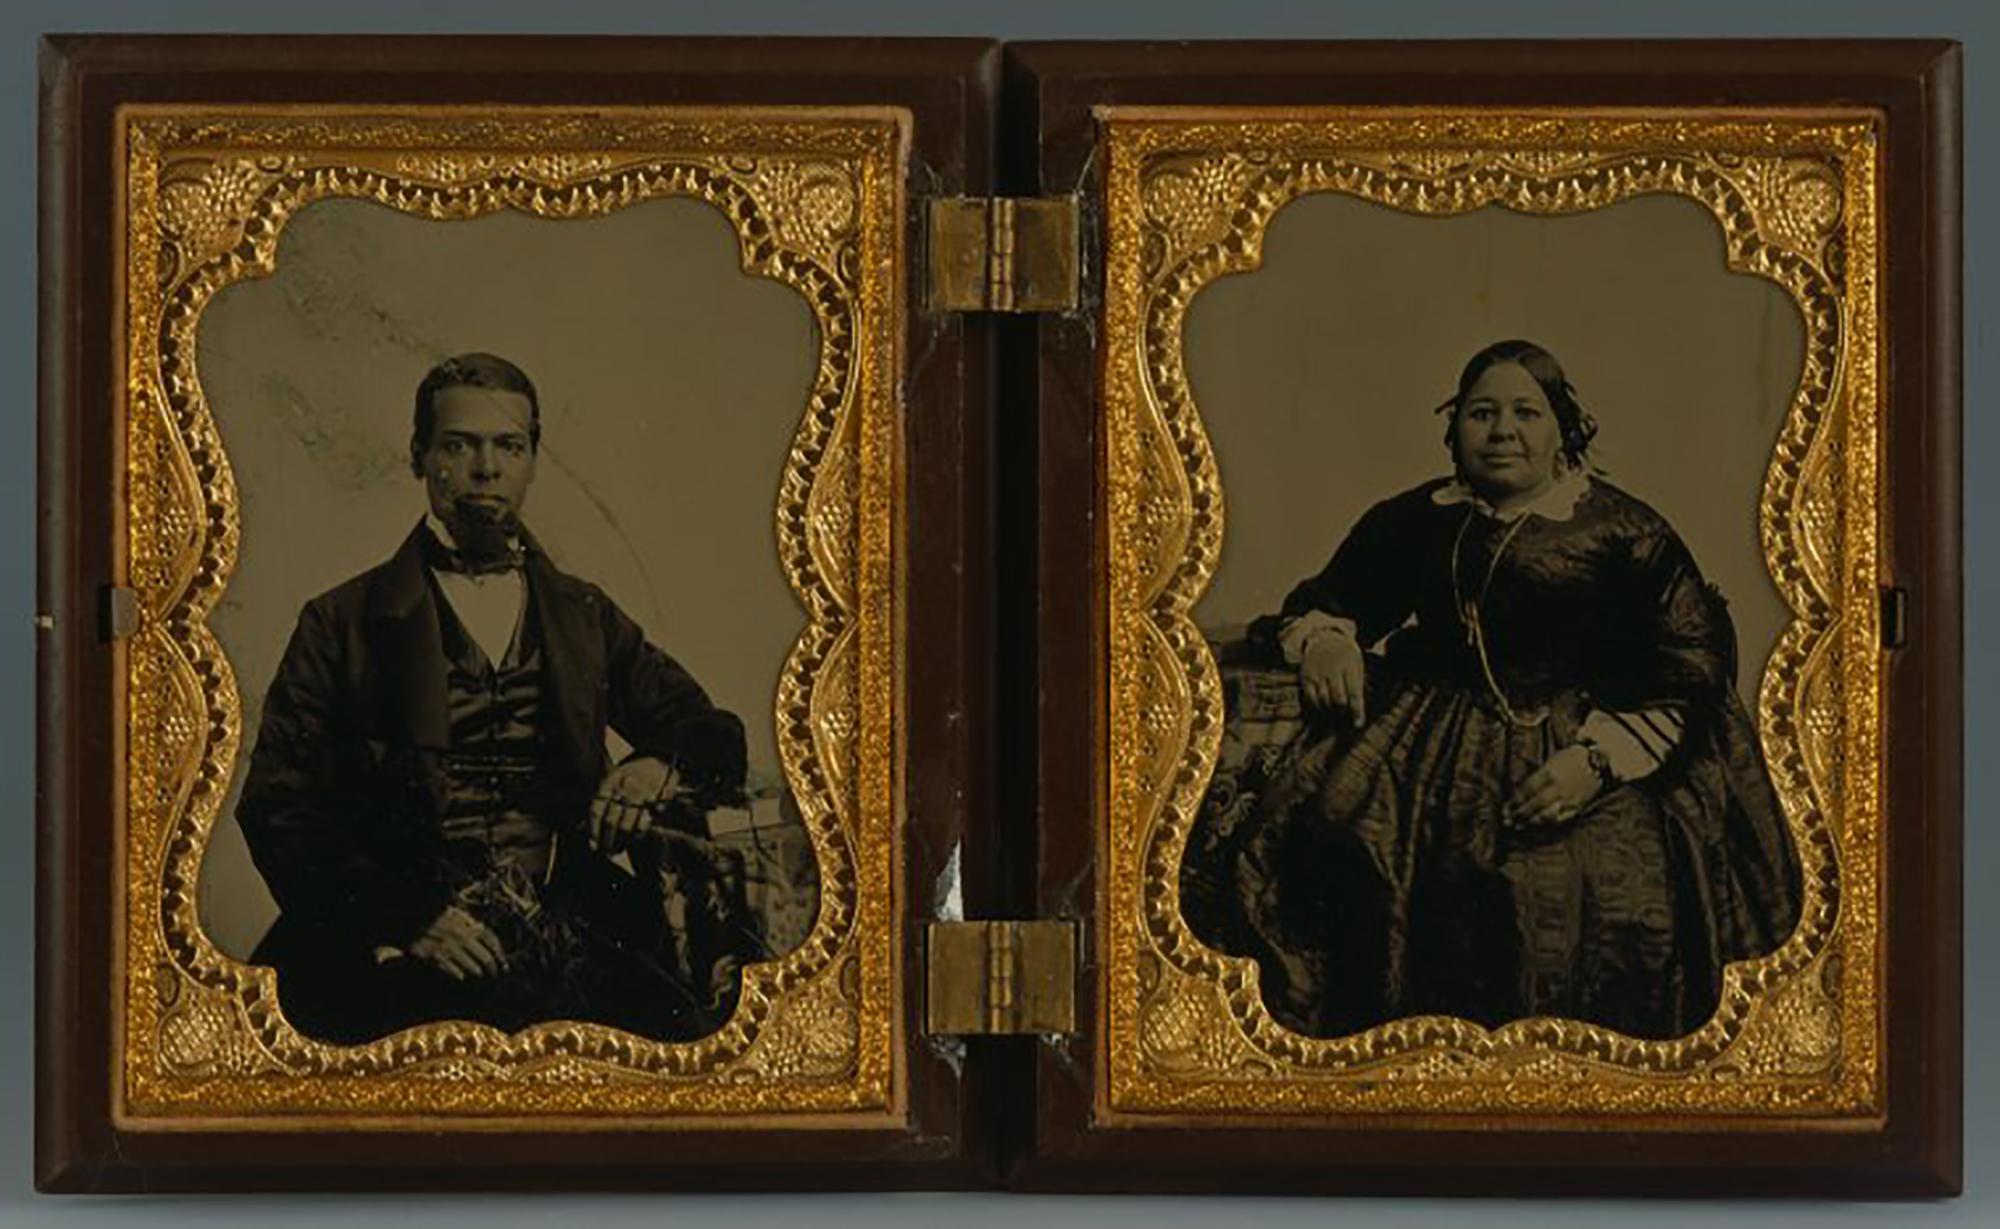 Duas fotografias em preto e branco em uma caixa de madeira com dobradiças e ouro. O homem, à esquerda, e a mulher, à direita, são negros e usam um vestido e terno escuro da moda.